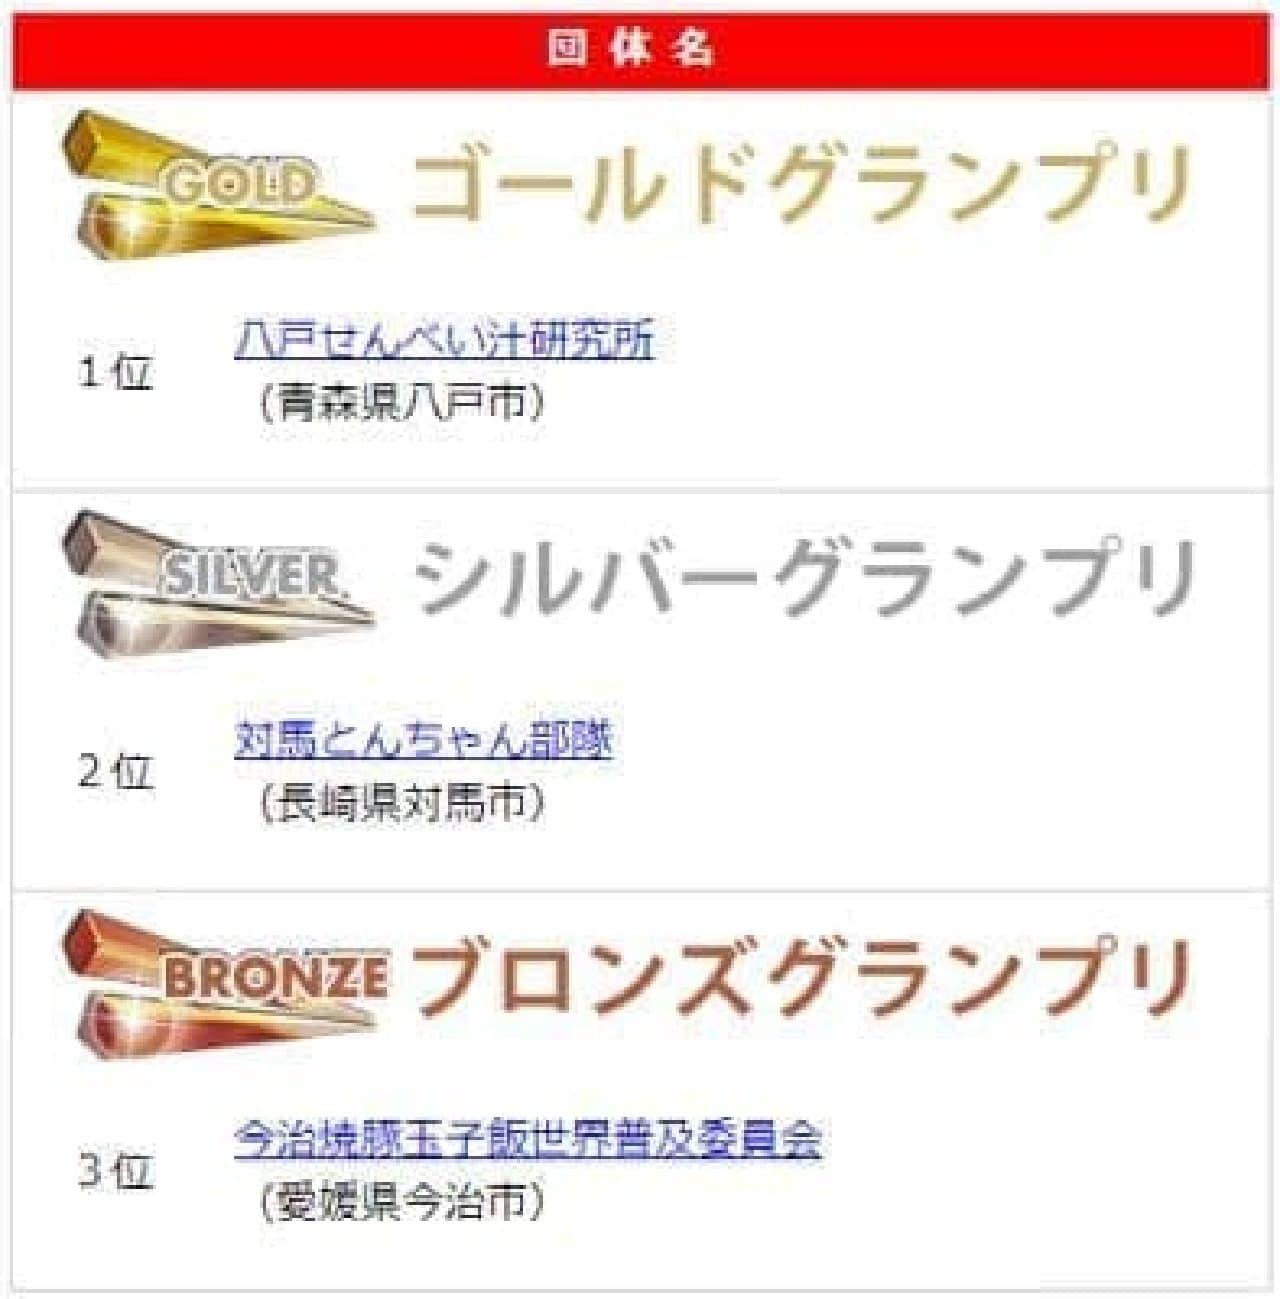 「八戸せんべい汁研究所」が日本のB級グルメ界を牽引していく